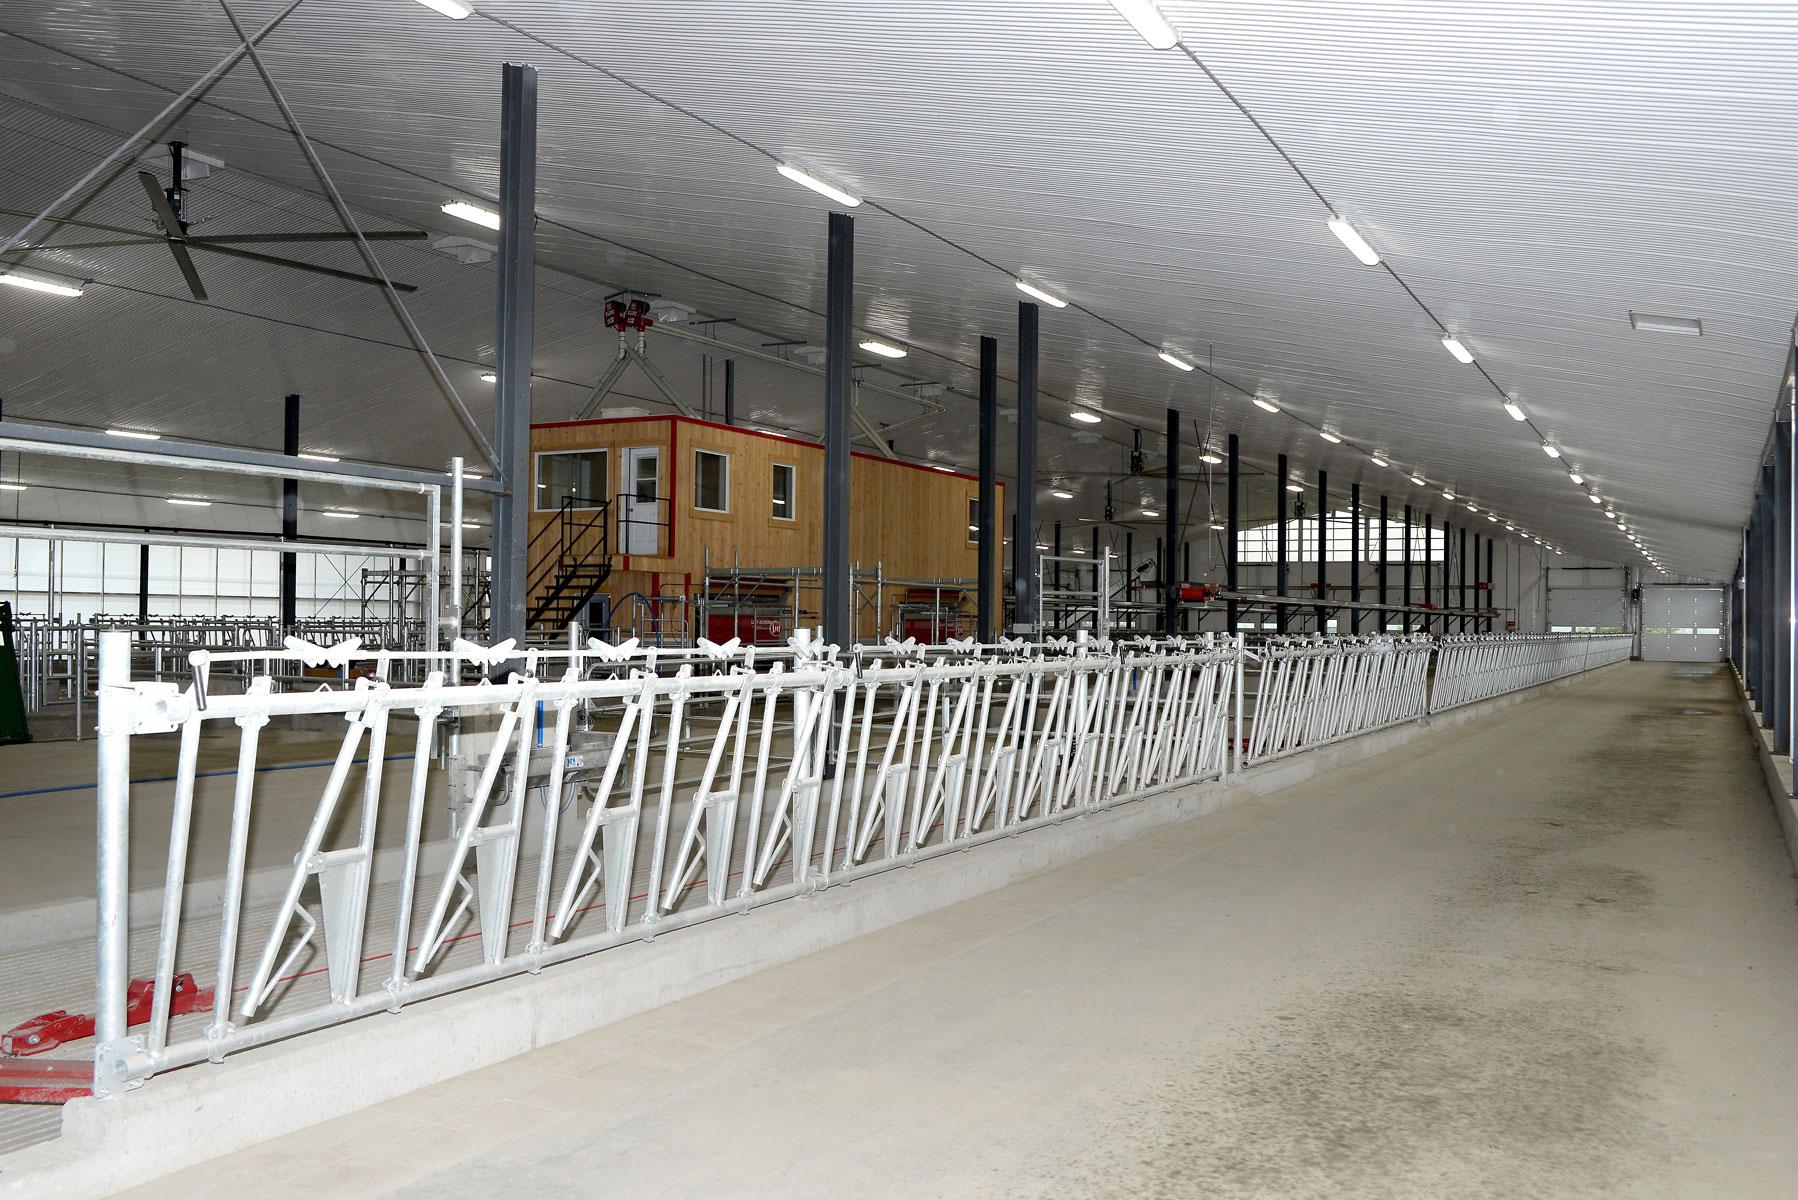 mangeoire carcan étable laitière installation agricole / Équipements PFB